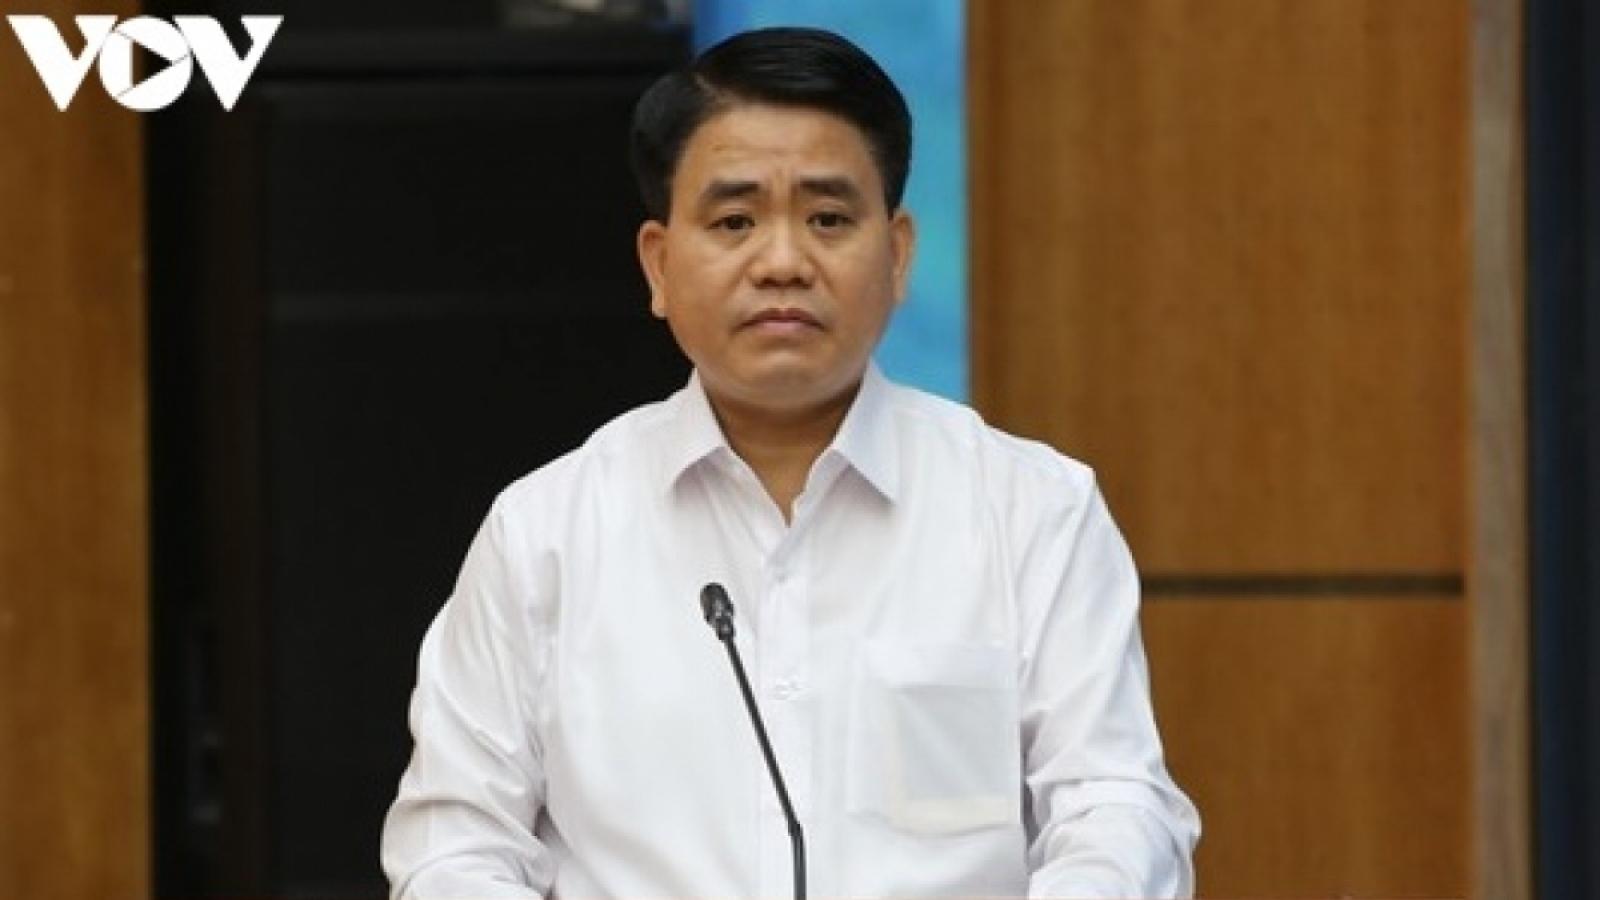 Ông Nguyễn Đức Chung có trách nhiệm gì trong vụ mua chế phẩm Redoxy-3C?